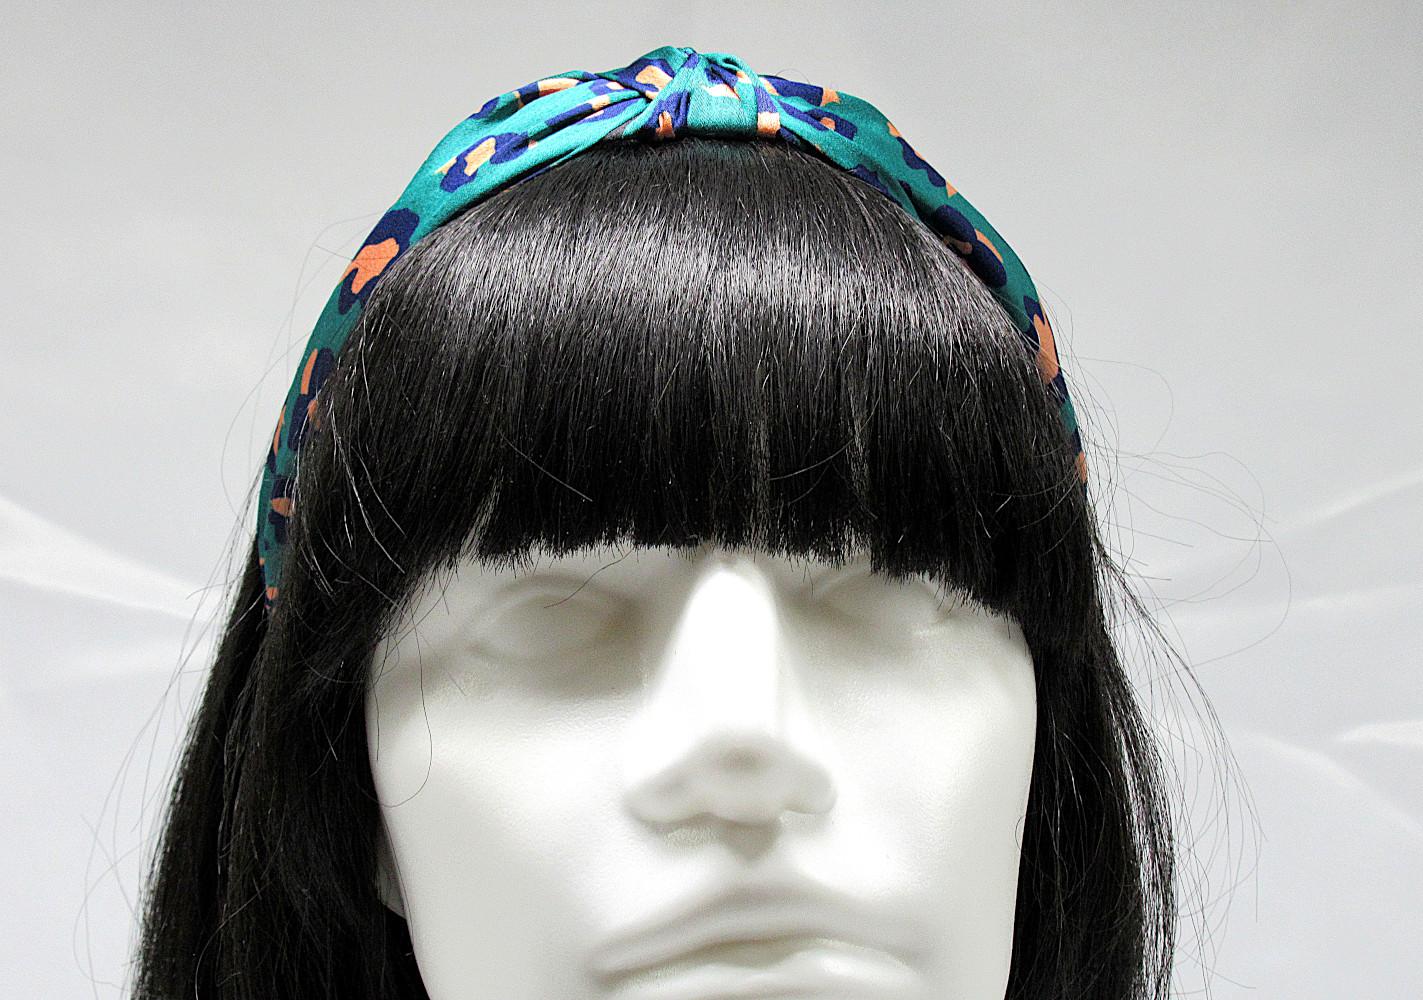 RJ-HB02_Leopard Print Knotted Headband-Green3